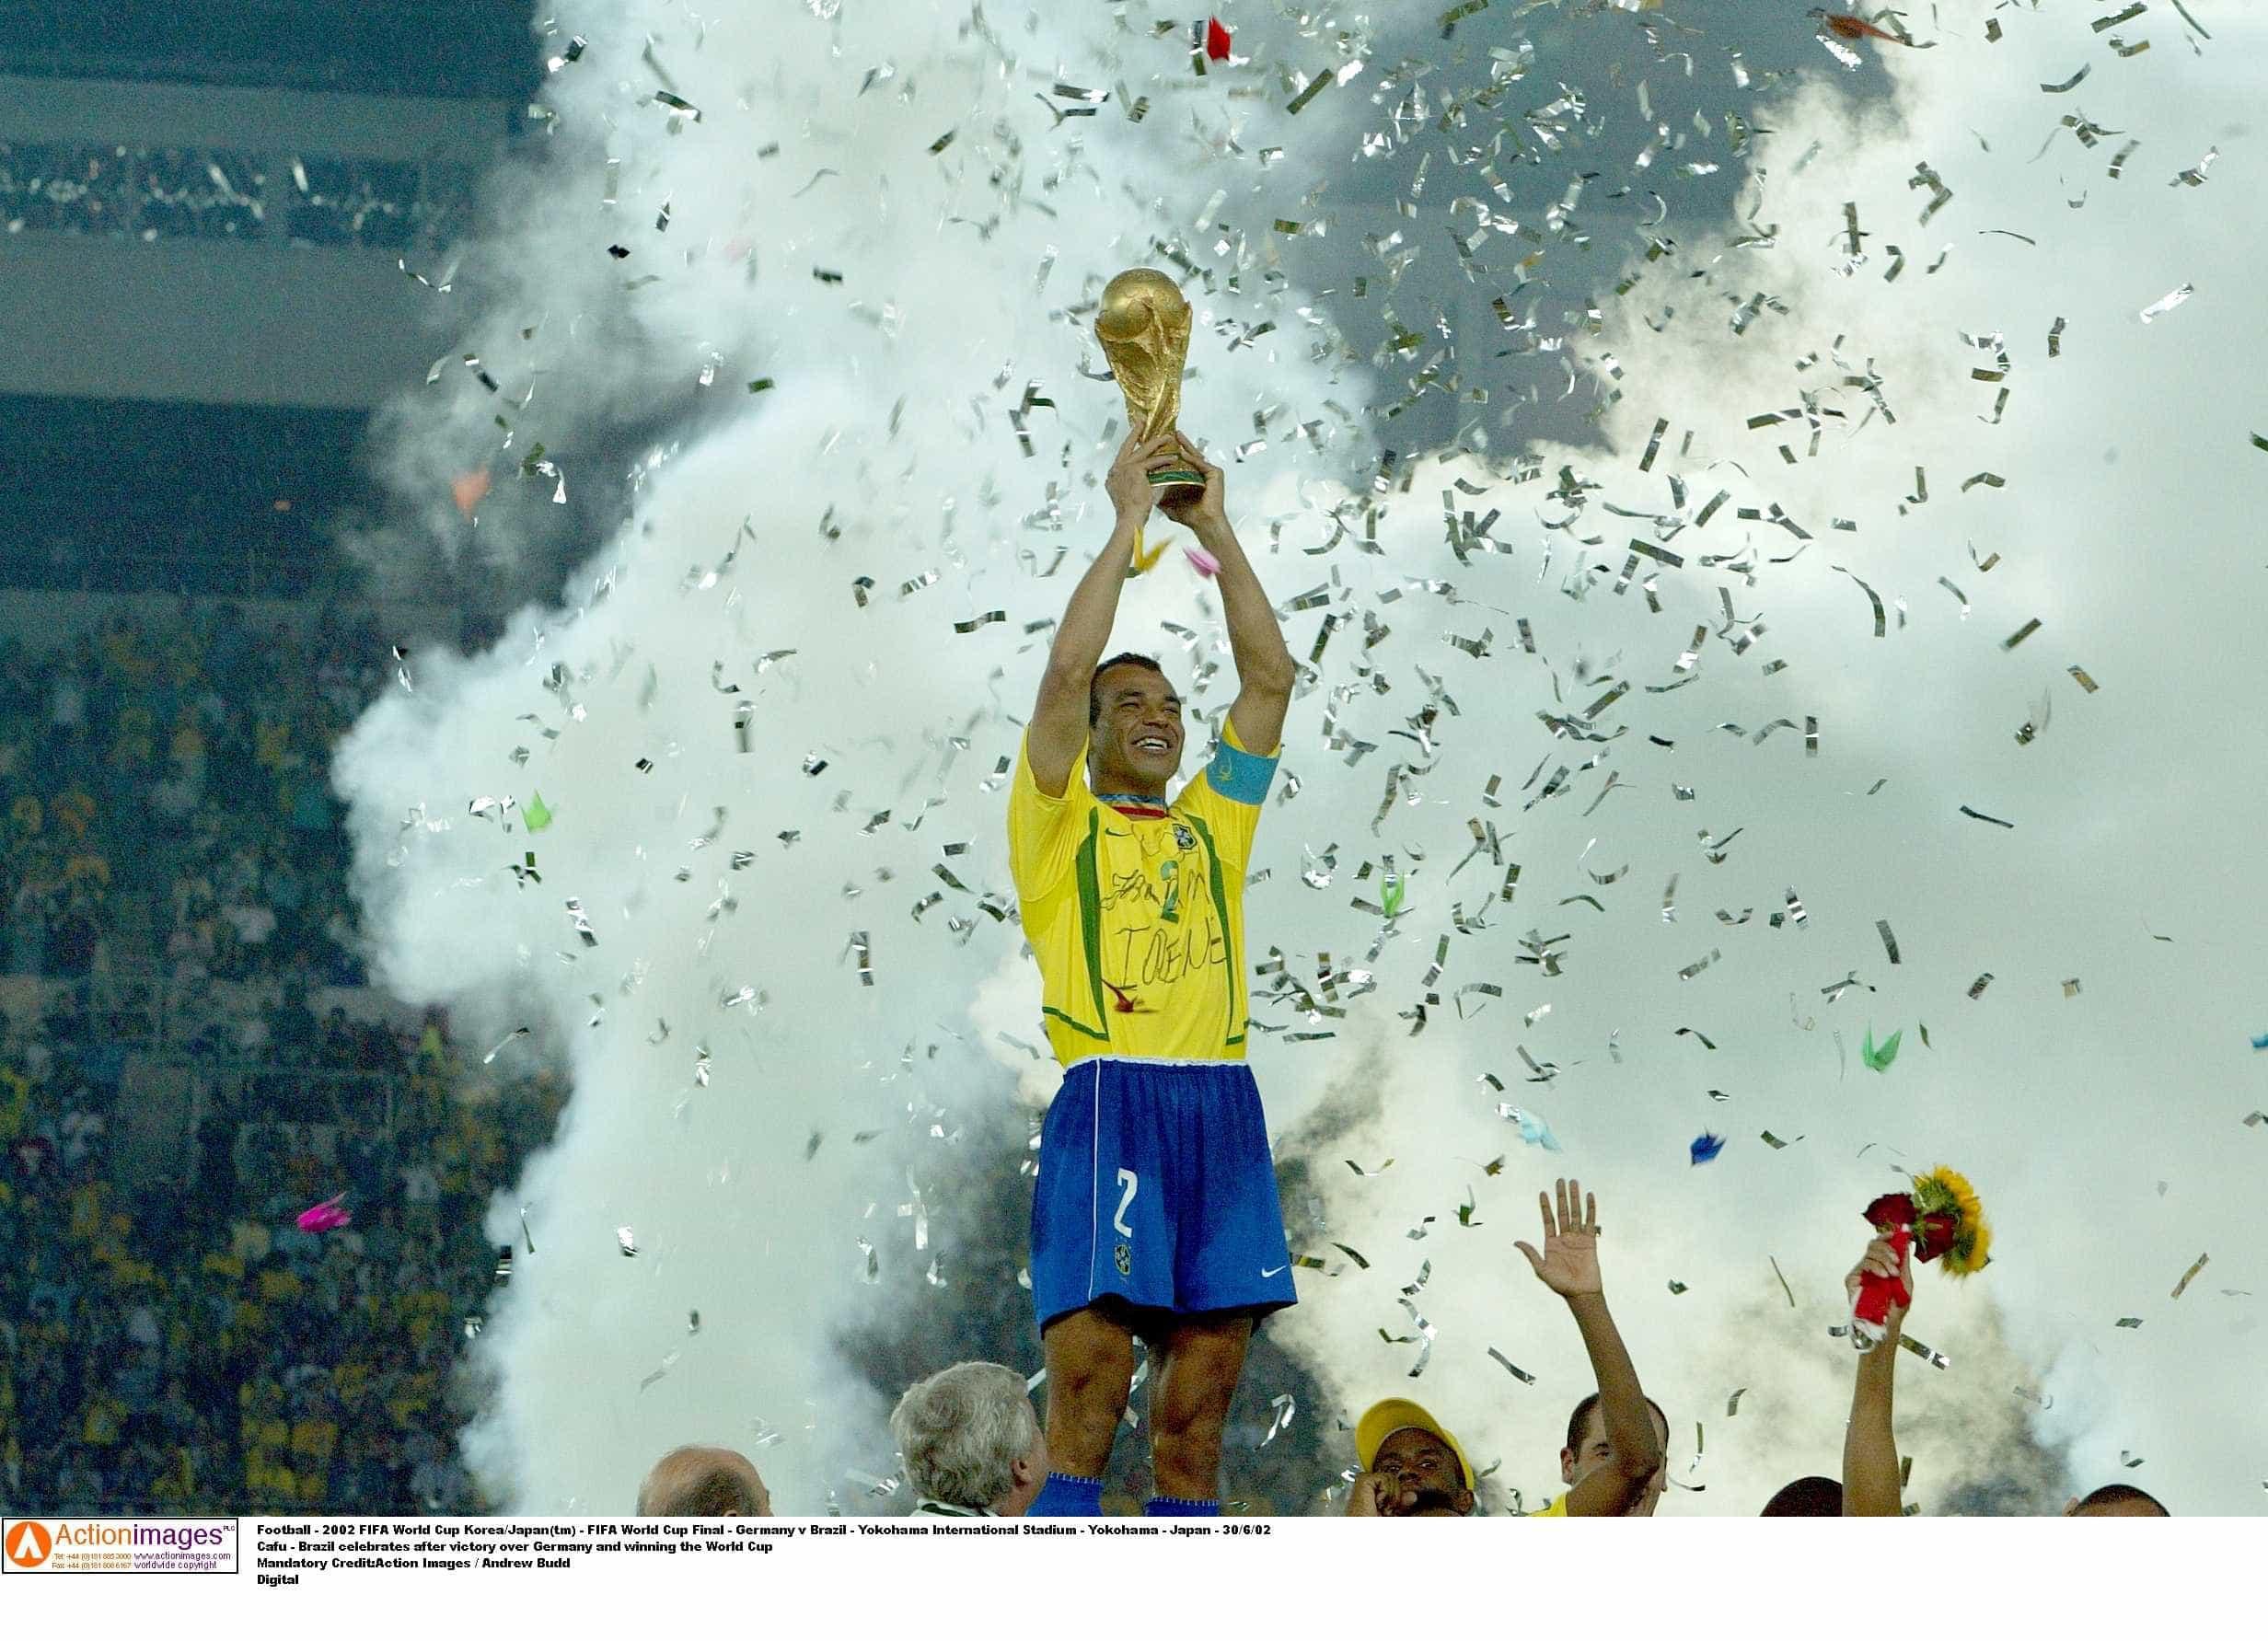 Se os placares dos últimos jogos se repetissem, Brasil venceria a Copa